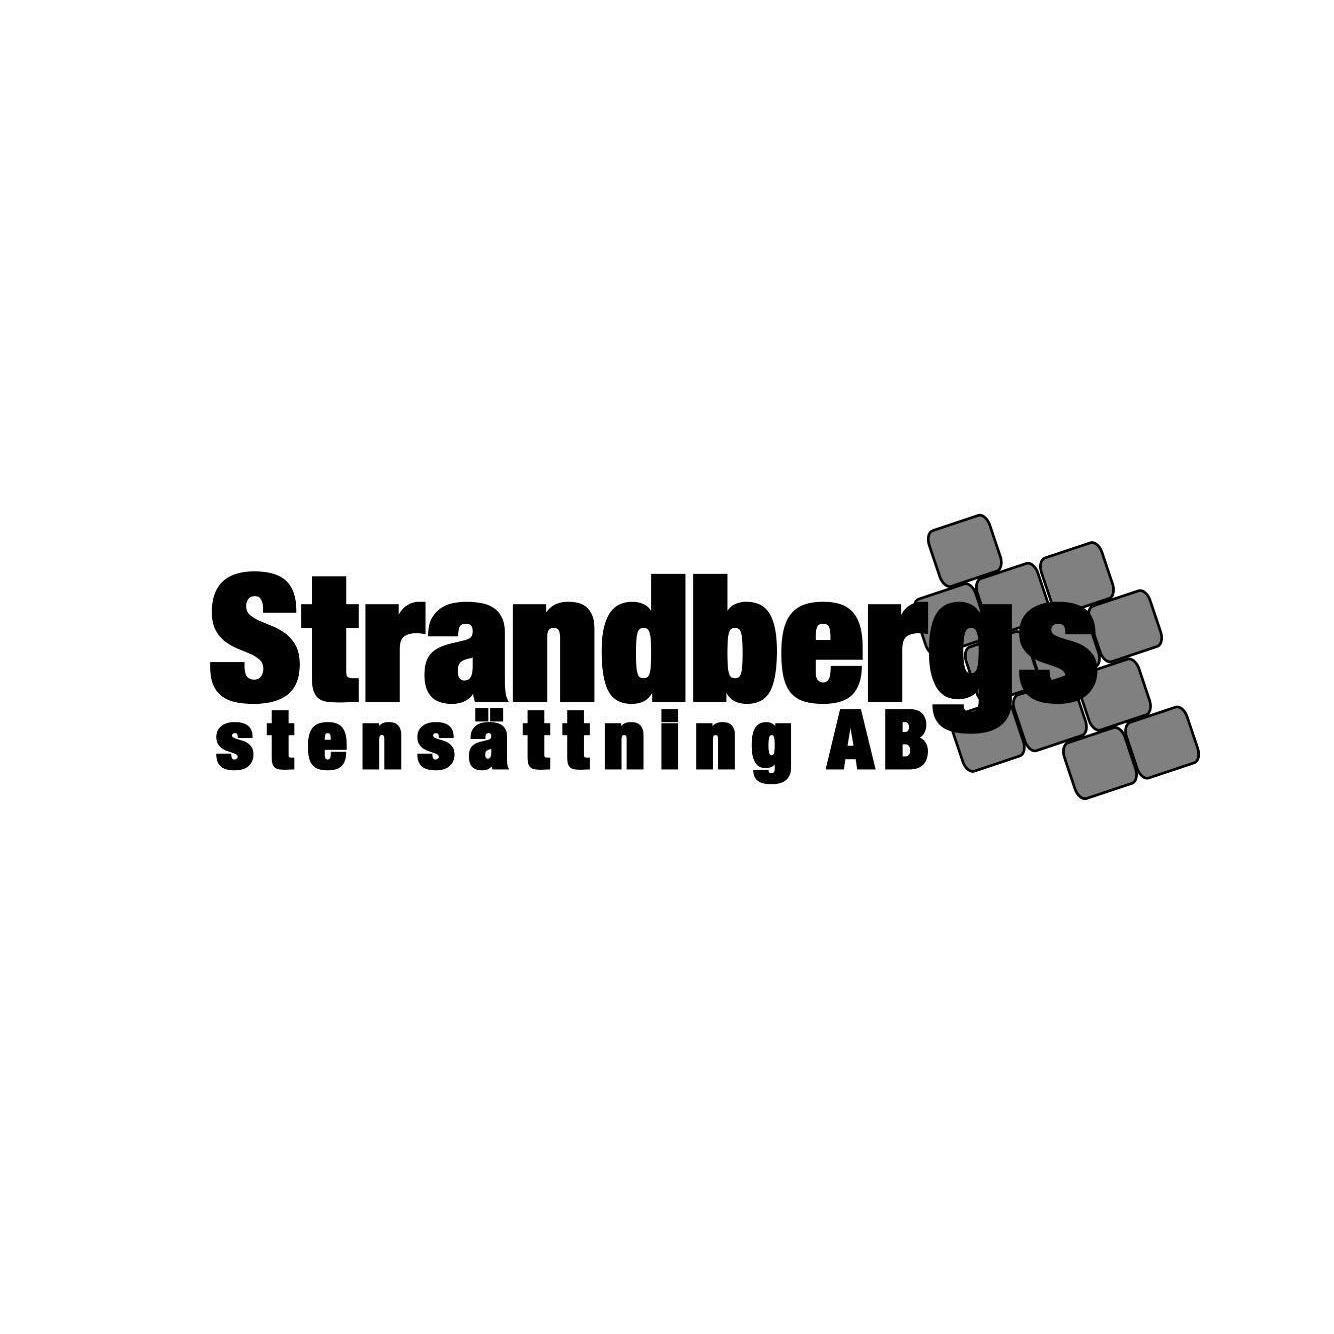 Strandbergs Stensättning AB